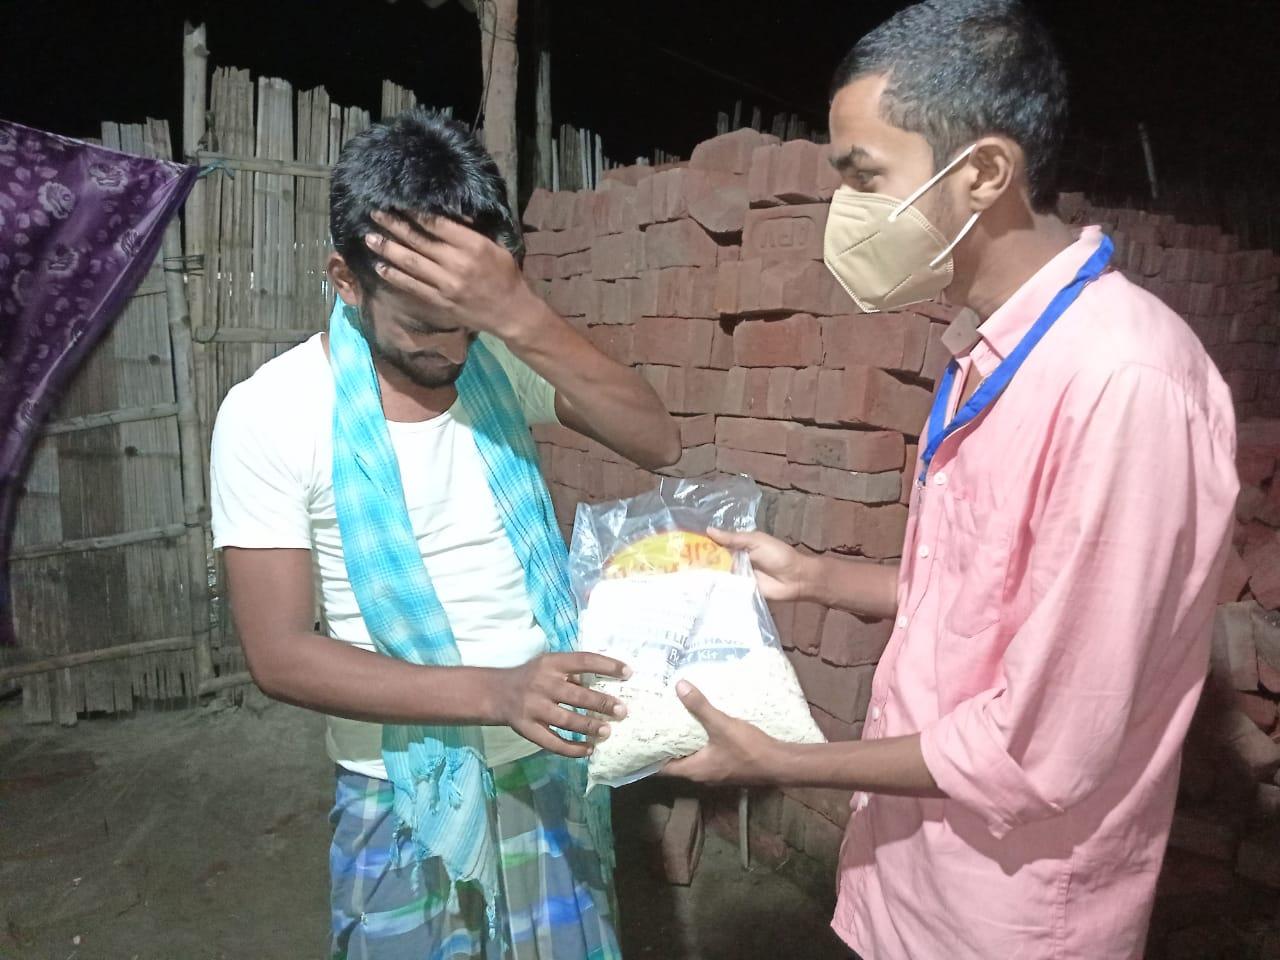 अंधेरी रातों में बाढ़ प्रभावित जरूरतमंदों के लिए हिंदुस्तान आवाम वॉयस एंड ऑर्गेनाइजेशन ने बढ़ाया मदद का हाथ।